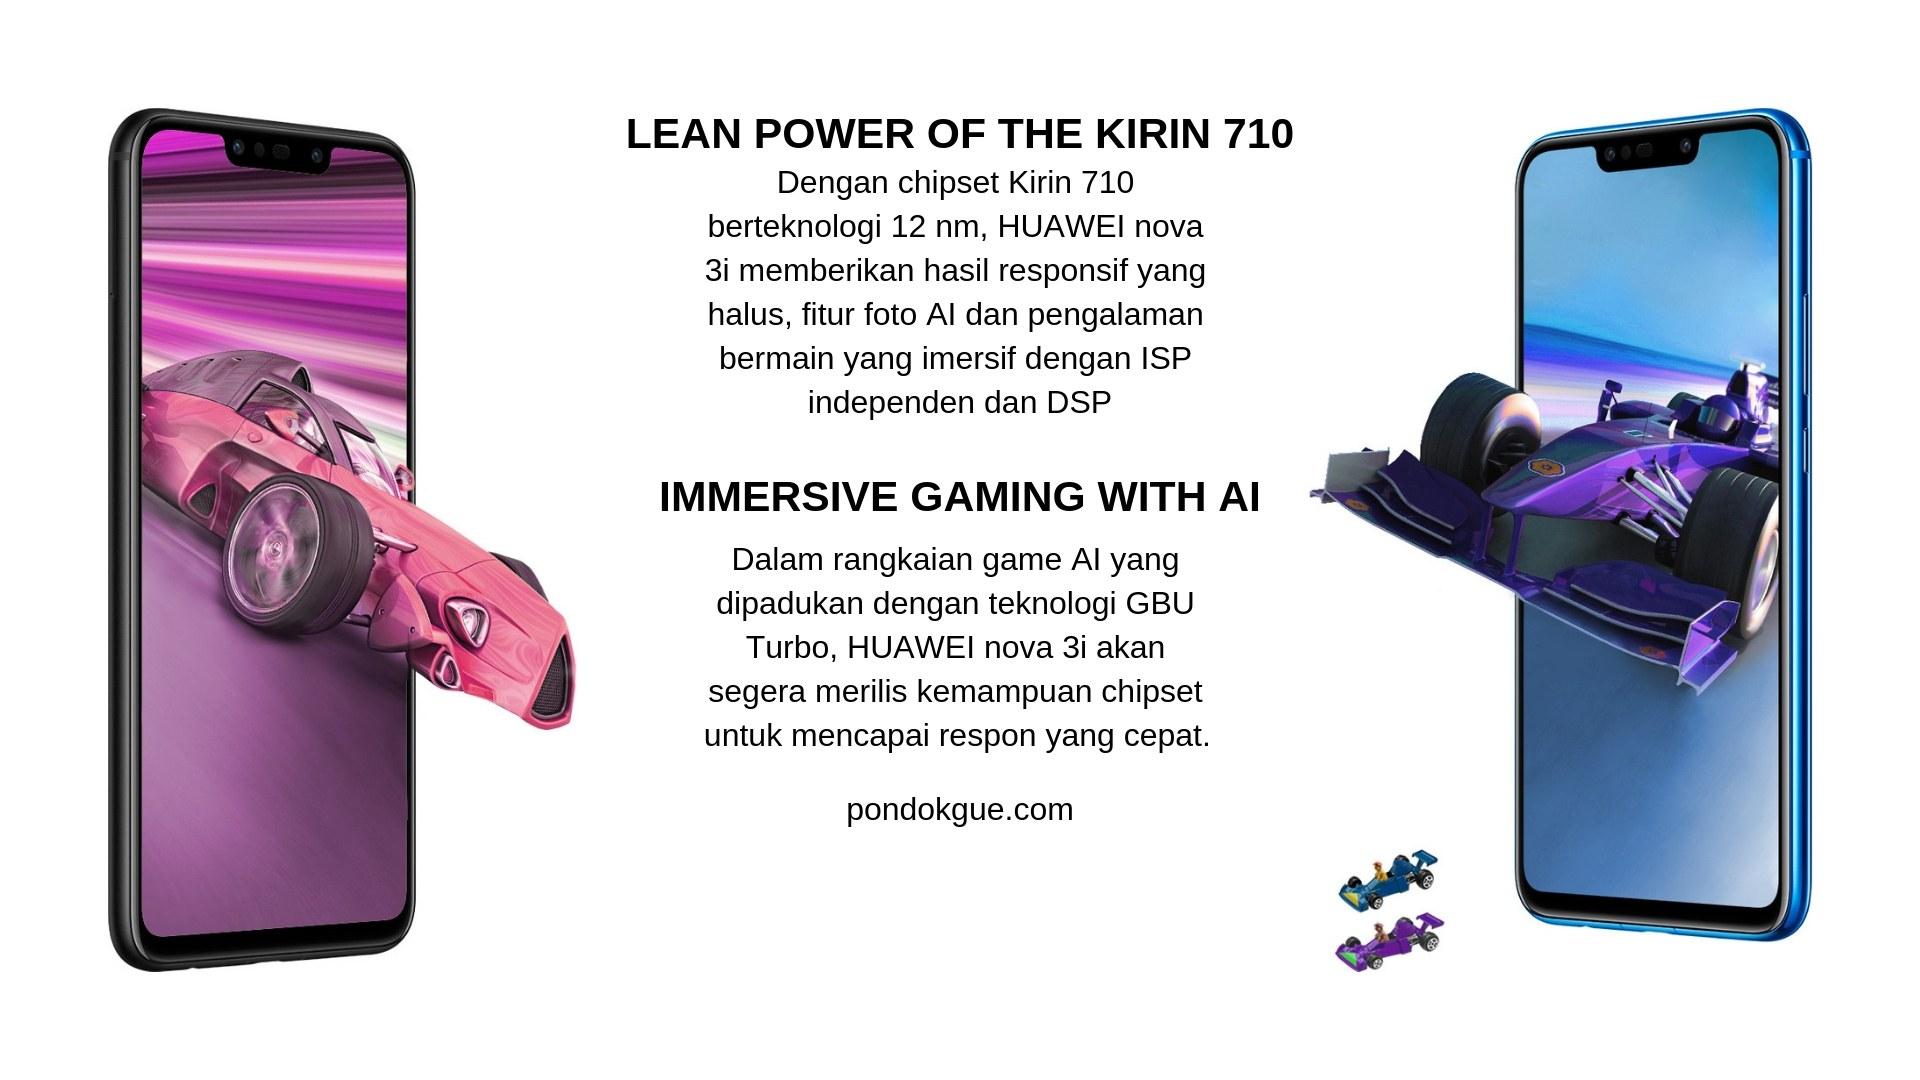 GPU Turbo - Huawei Nova 3i